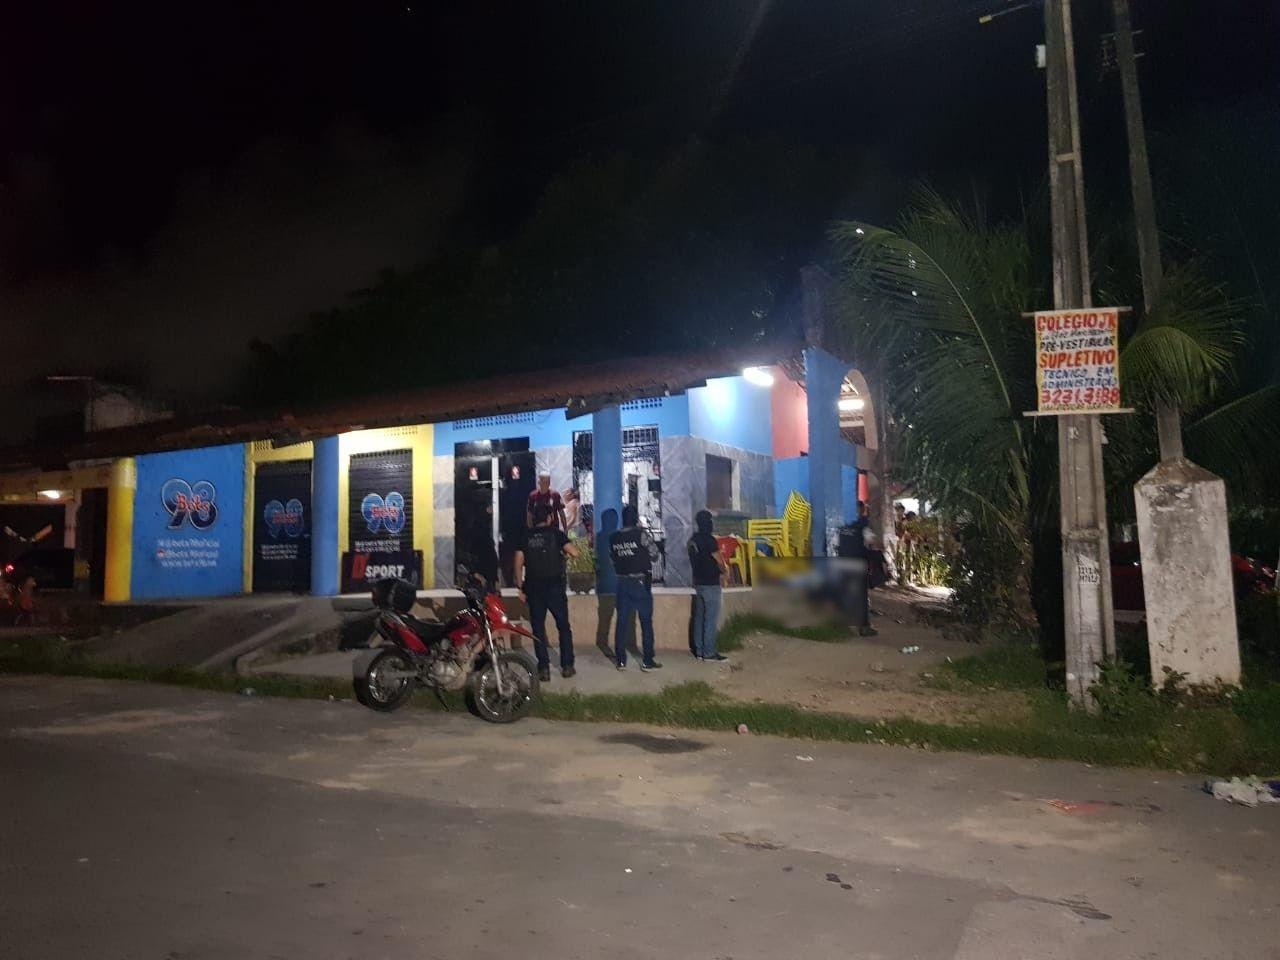 Suspeitos se aproximam de bar e matam homem no local, em Fortaleza